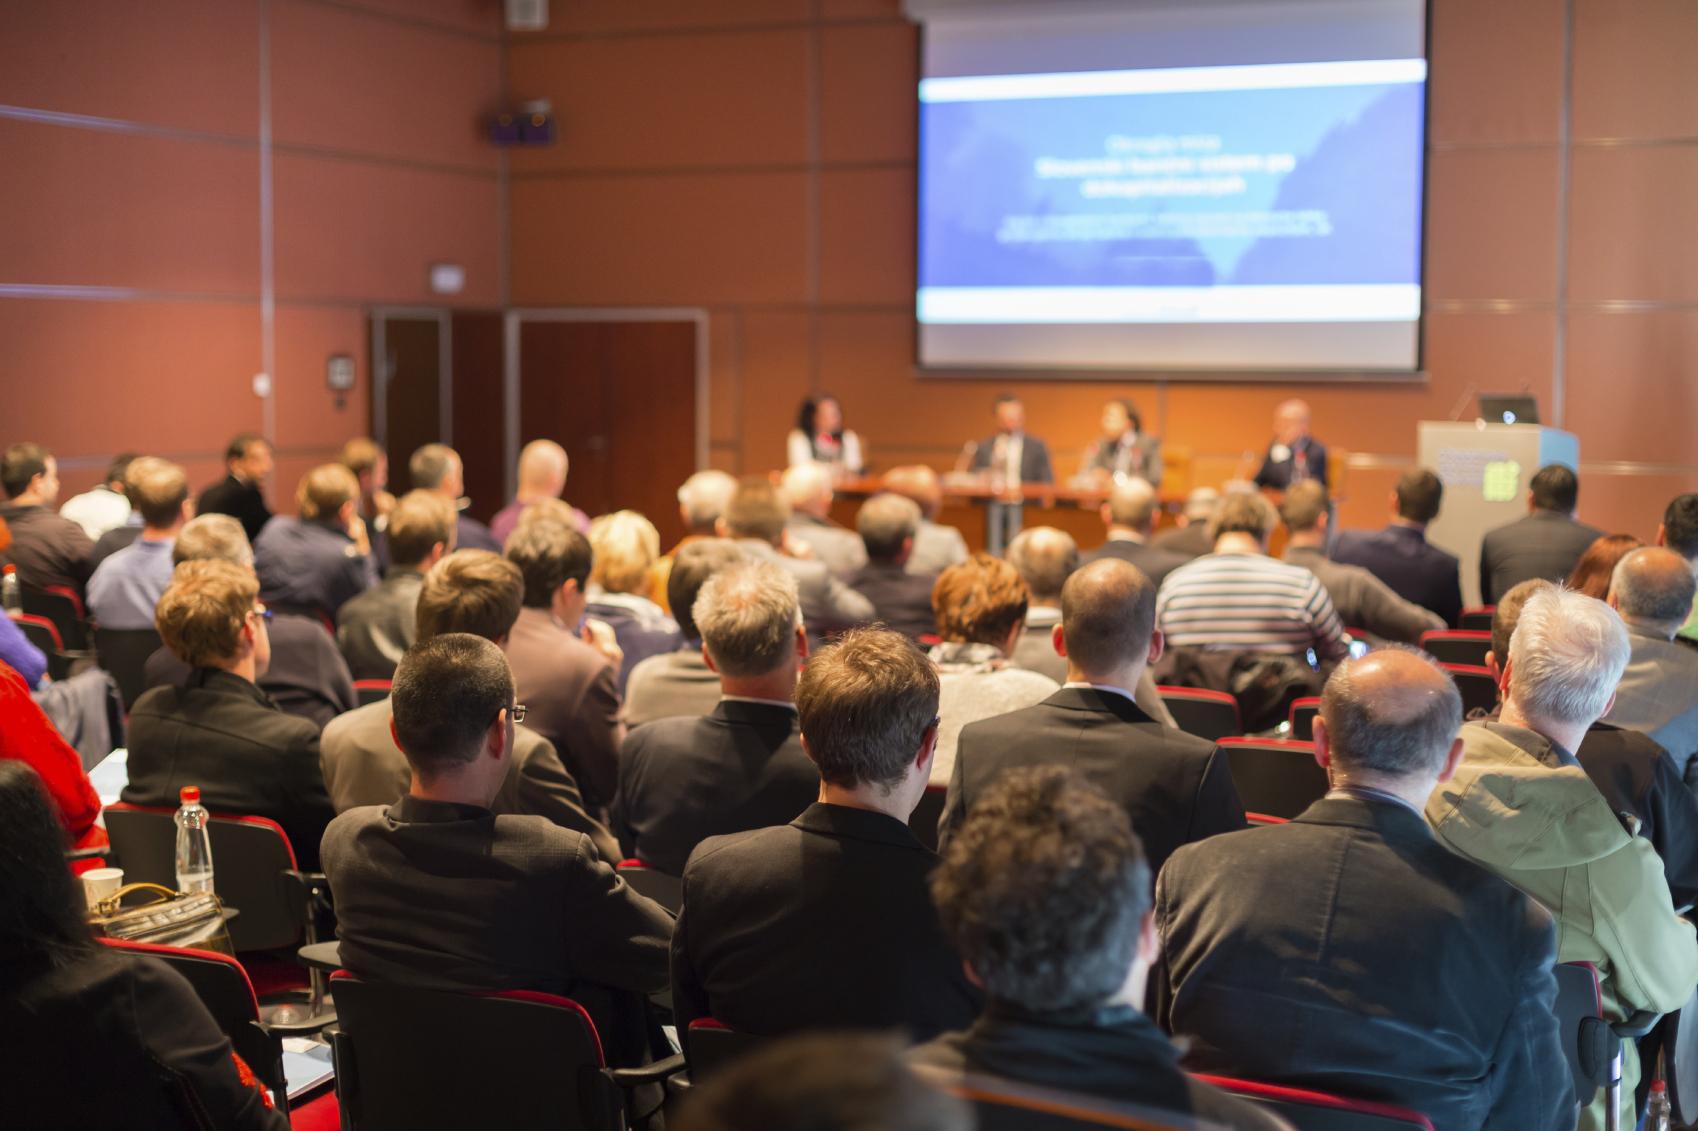 Les 4 meilleures stratégies pour promouvoir un événement d'entreprise